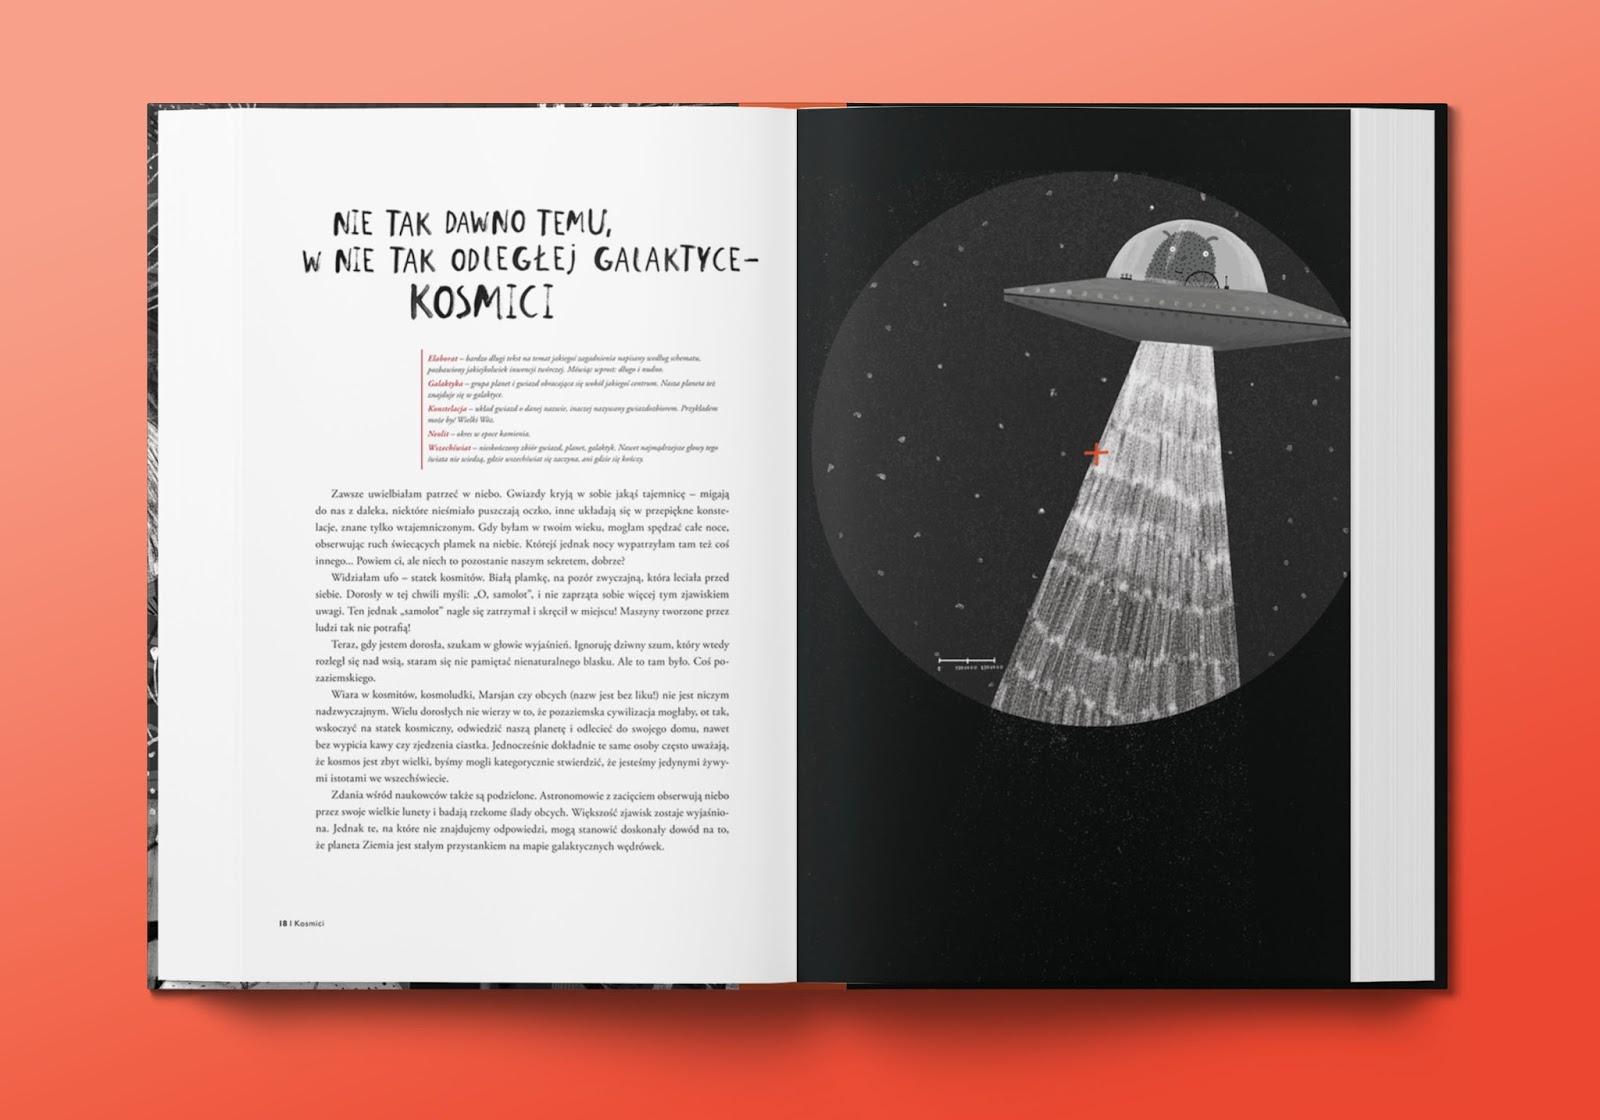 opowiadanie o kosmitach